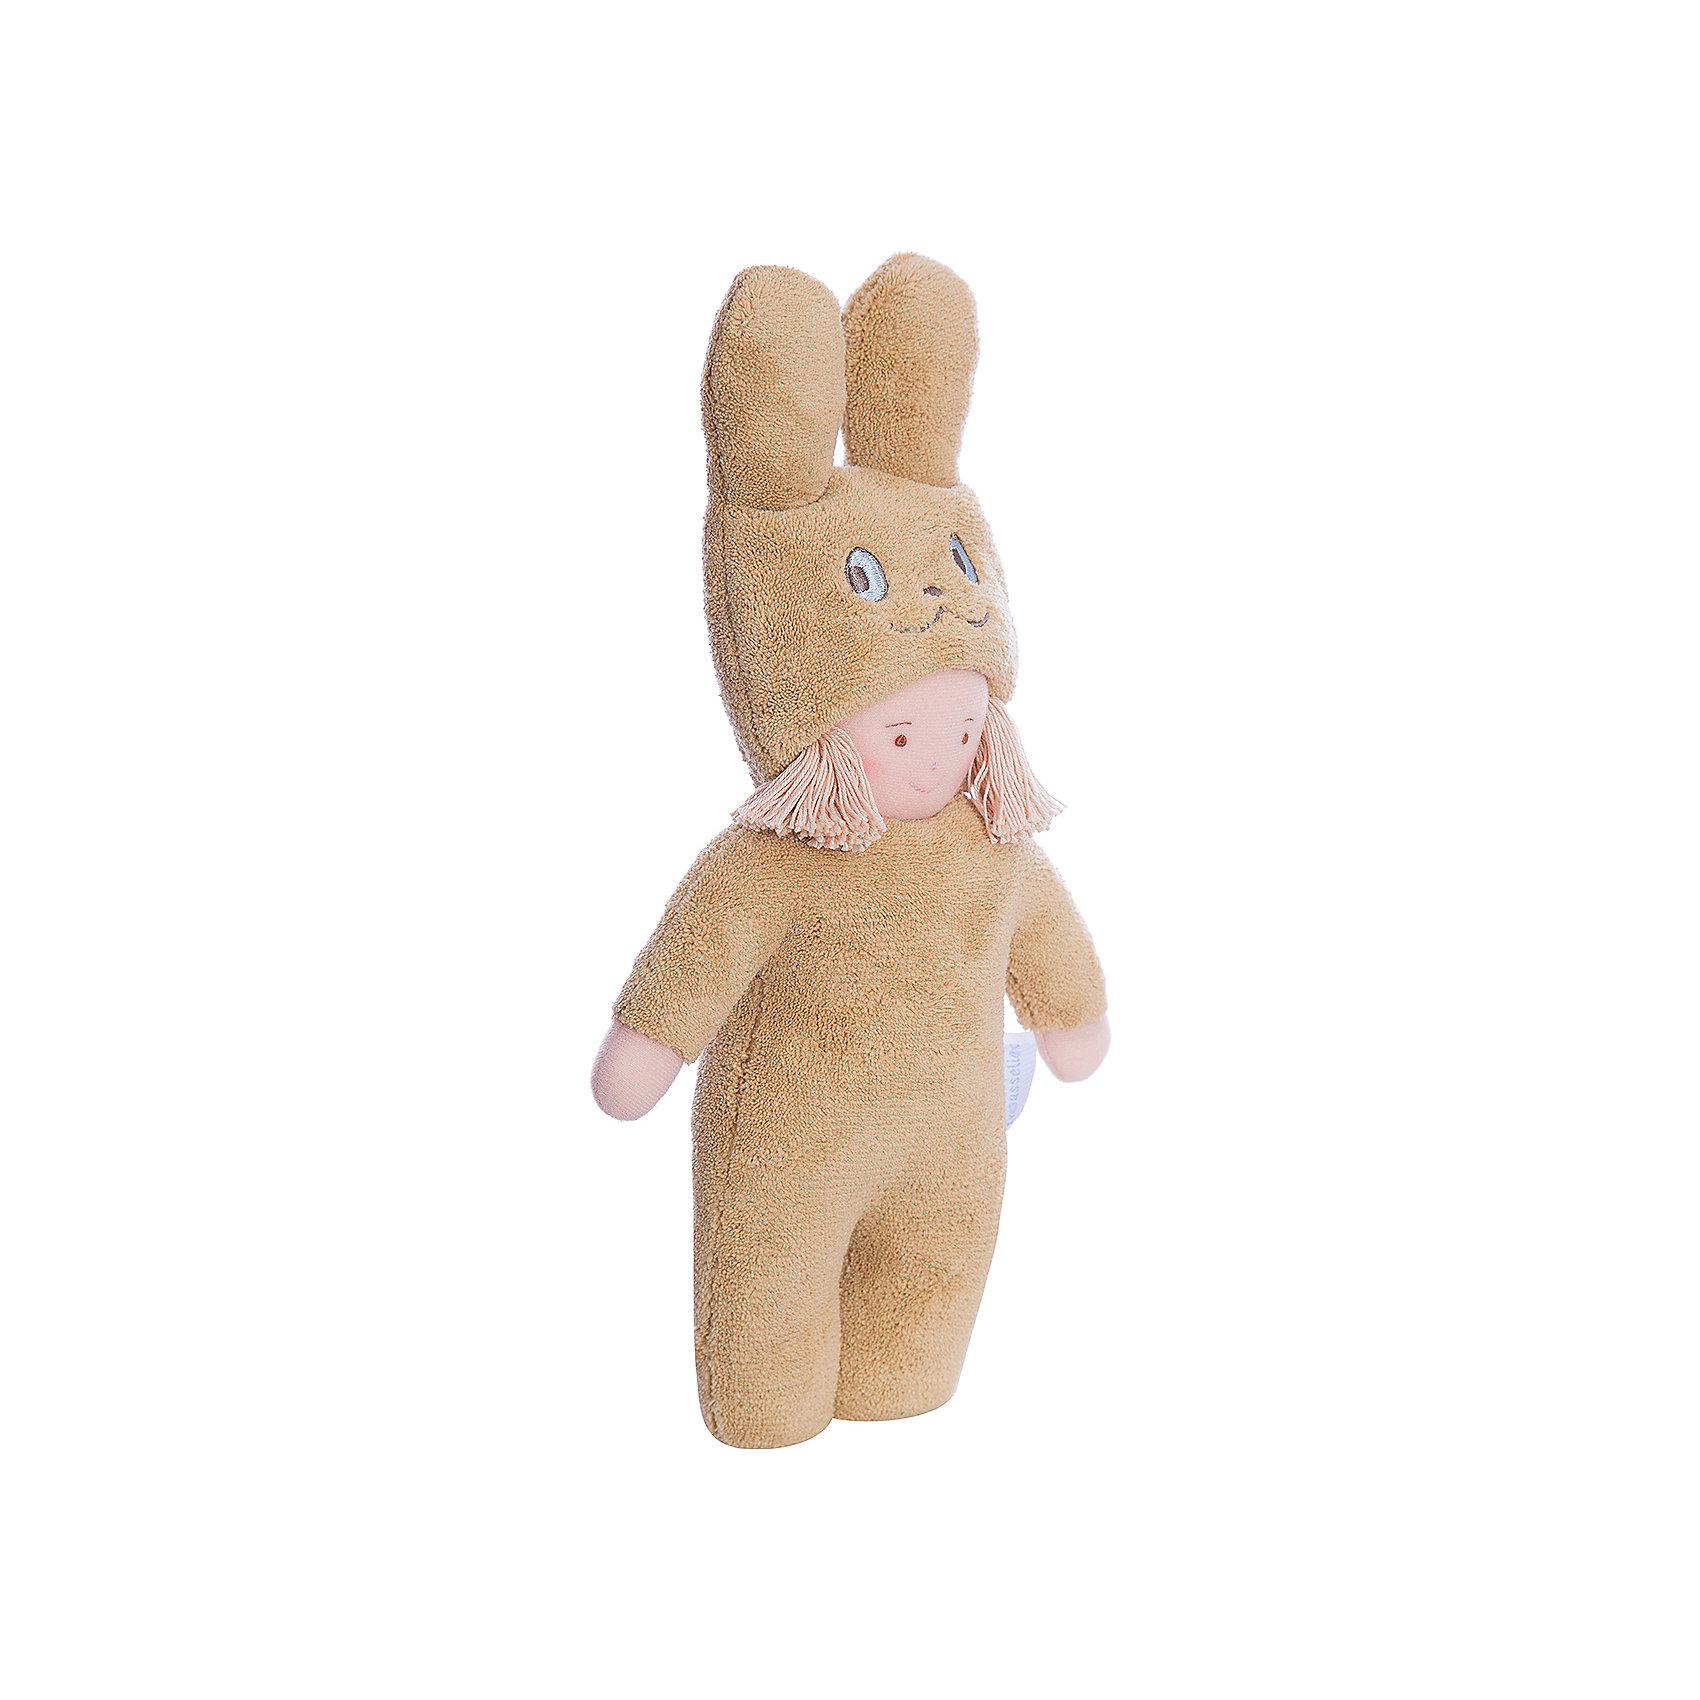 Тряпичная кукла Девочка в костюме кролика, 40см&#13;, TrousselierМягкие куклы<br>Тряпичная кукла Девочка в костюме кролика, 40см, Trousselier.<br><br>Характеристика:<br><br>• Материал: текстиль, плюш, пластик.    <br>• Высота игрушки: 40 см.<br>• Мягкая, приятная на ощупь.<br><br>Дети обожают мягкие игрушки, ведь с ними так приятно играть днем и уютно и спокойно засыпать ночью! Эта очаровательная малышка в костюме кролика приведет в восторг любую девочку! Куколка очень мягкая и приятная на ощупь, изготовлена из высококачественных гипоаллергенных материалов абсолютно безопасных даже для малышей.<br><br>Тряпичную куклу Девочка в костюме кролика, 40см, Trousselier, можно купить в нашем магазине.<br><br>Ширина мм: 350<br>Глубина мм: 205<br>Высота мм: 80<br>Вес г: 180<br>Возраст от месяцев: -2147483648<br>Возраст до месяцев: 2147483647<br>Пол: Унисекс<br>Возраст: Детский<br>SKU: 4964789